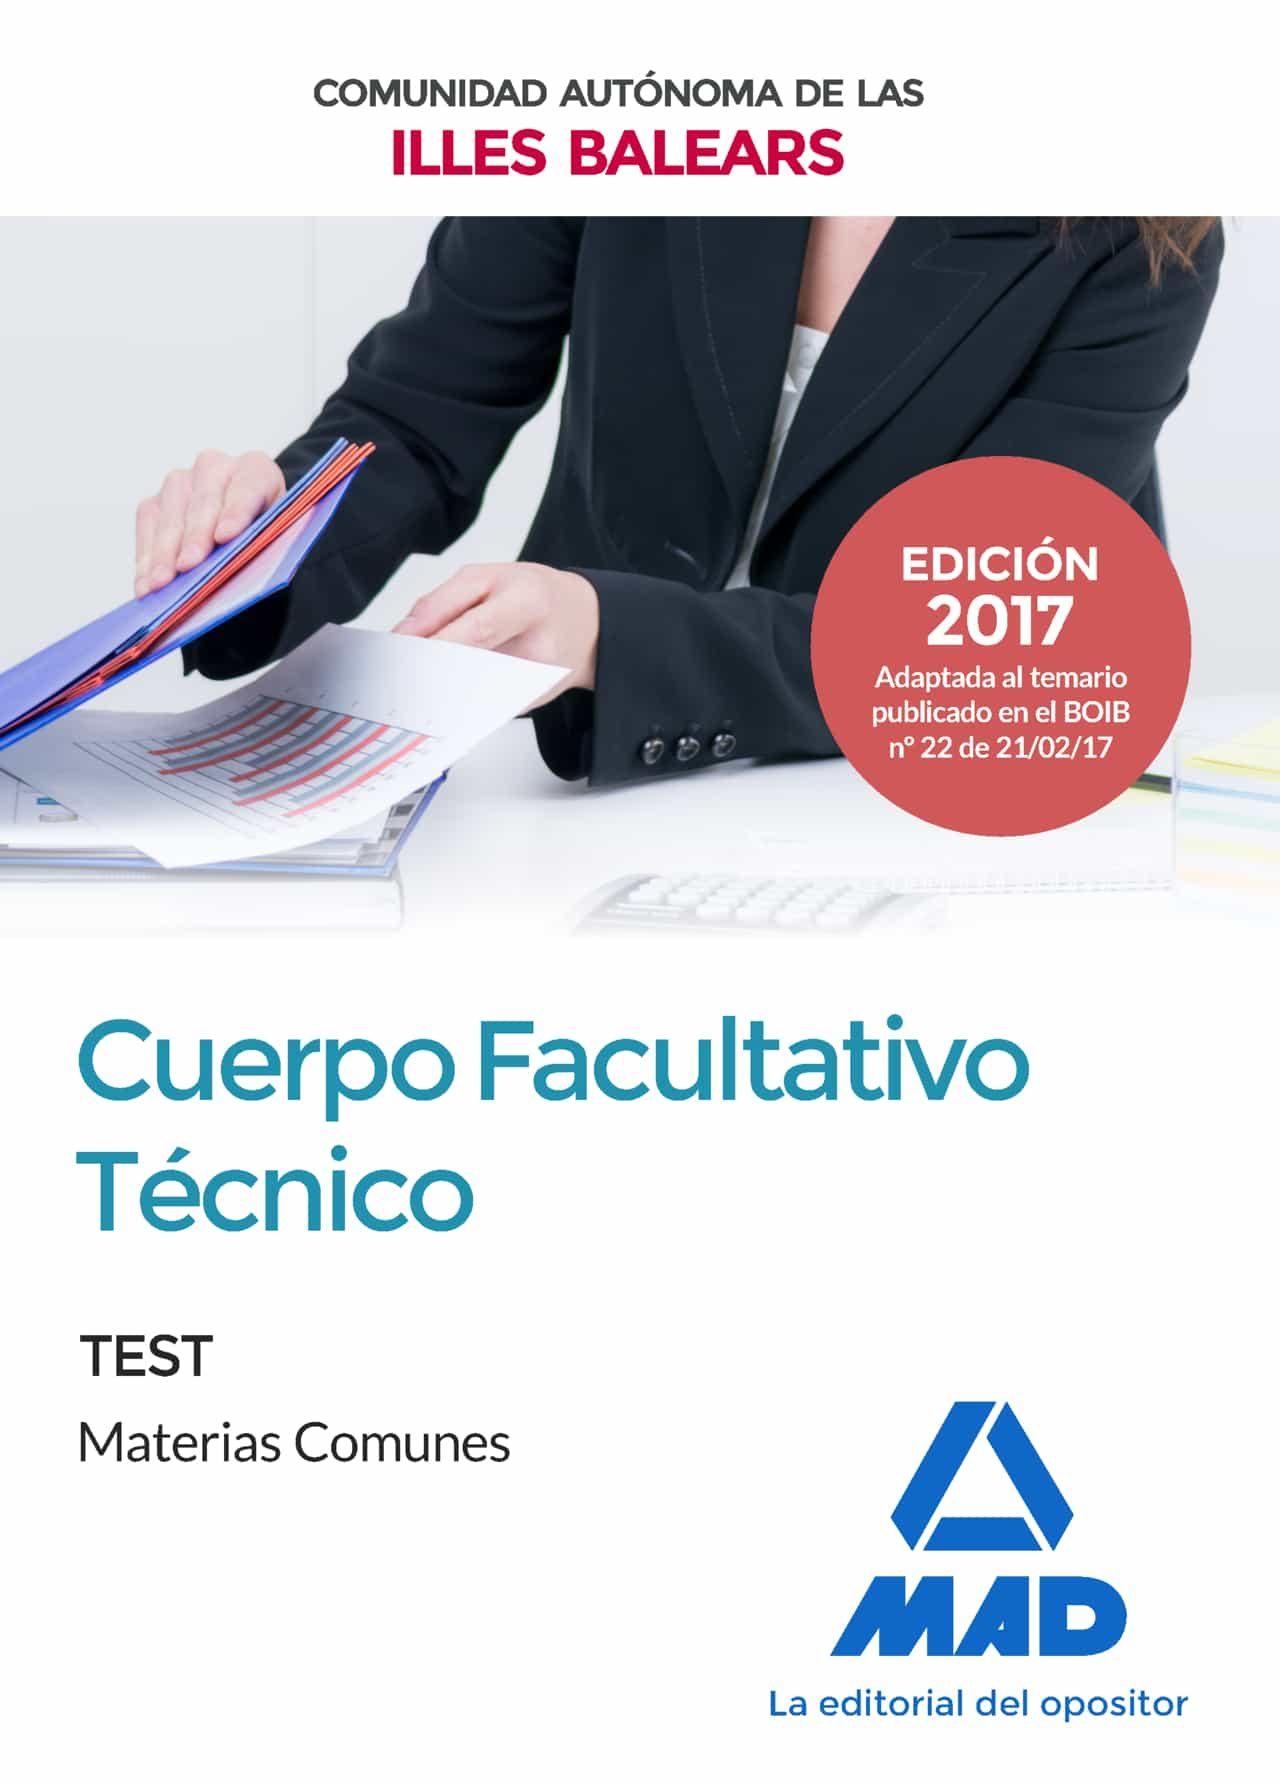 Cuerpo Facultativo Tecnico De La De La Comunidad Autónoma De Las Illes Balears. Test De Materias Comunes por Vv.aa.